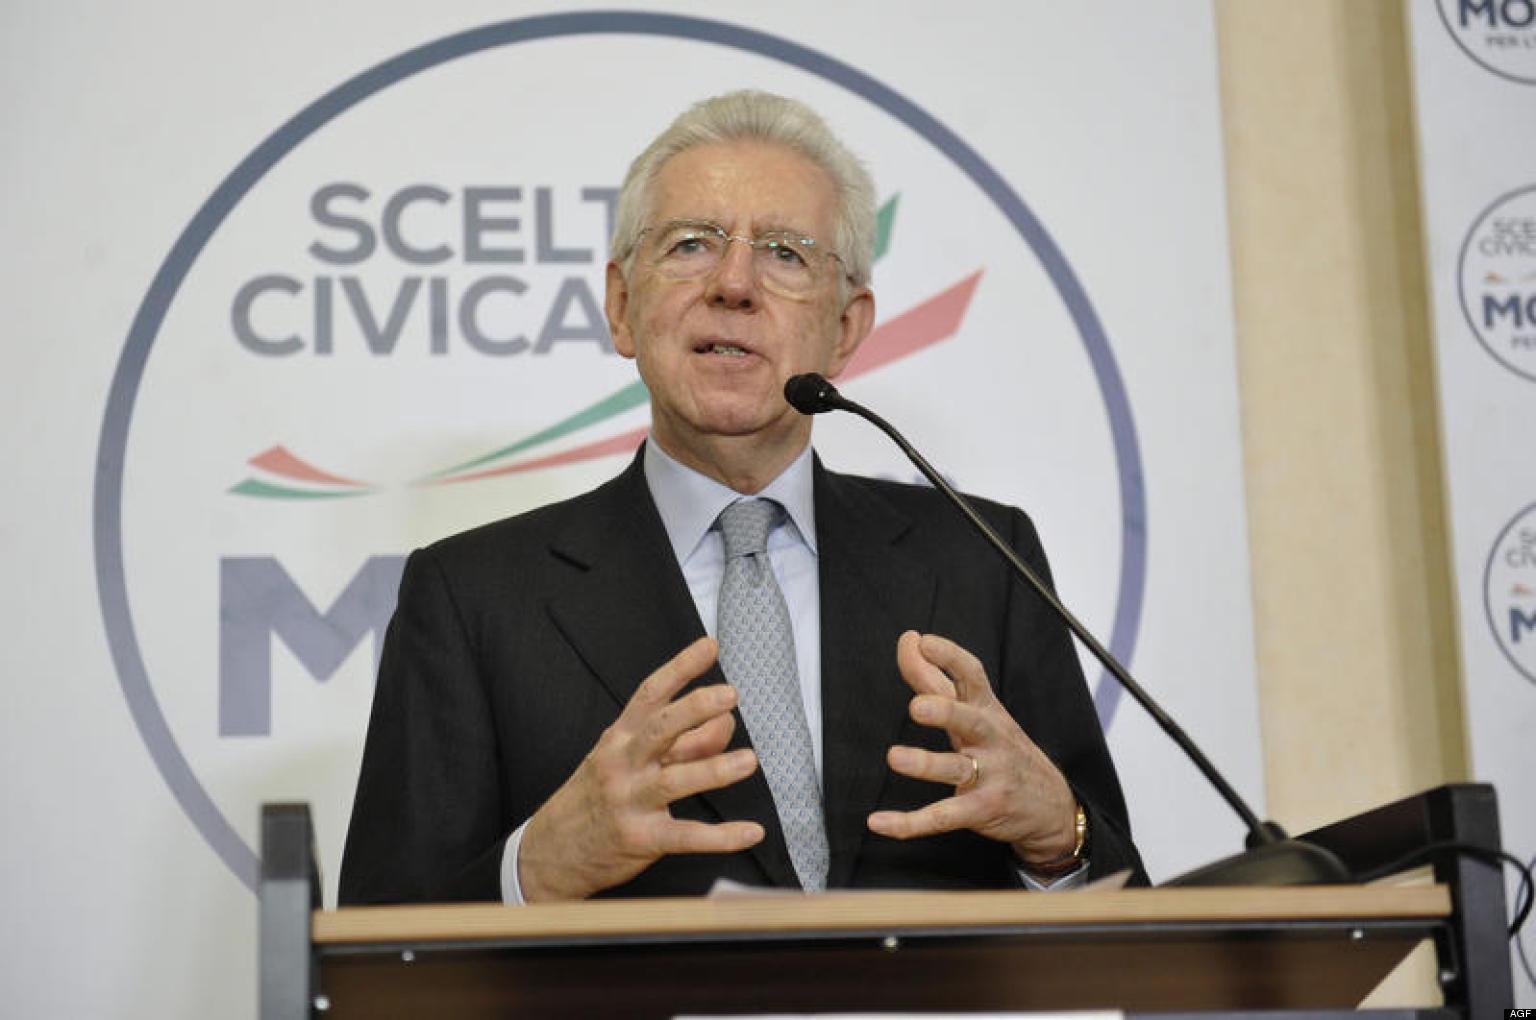 Monti Scelta Civica